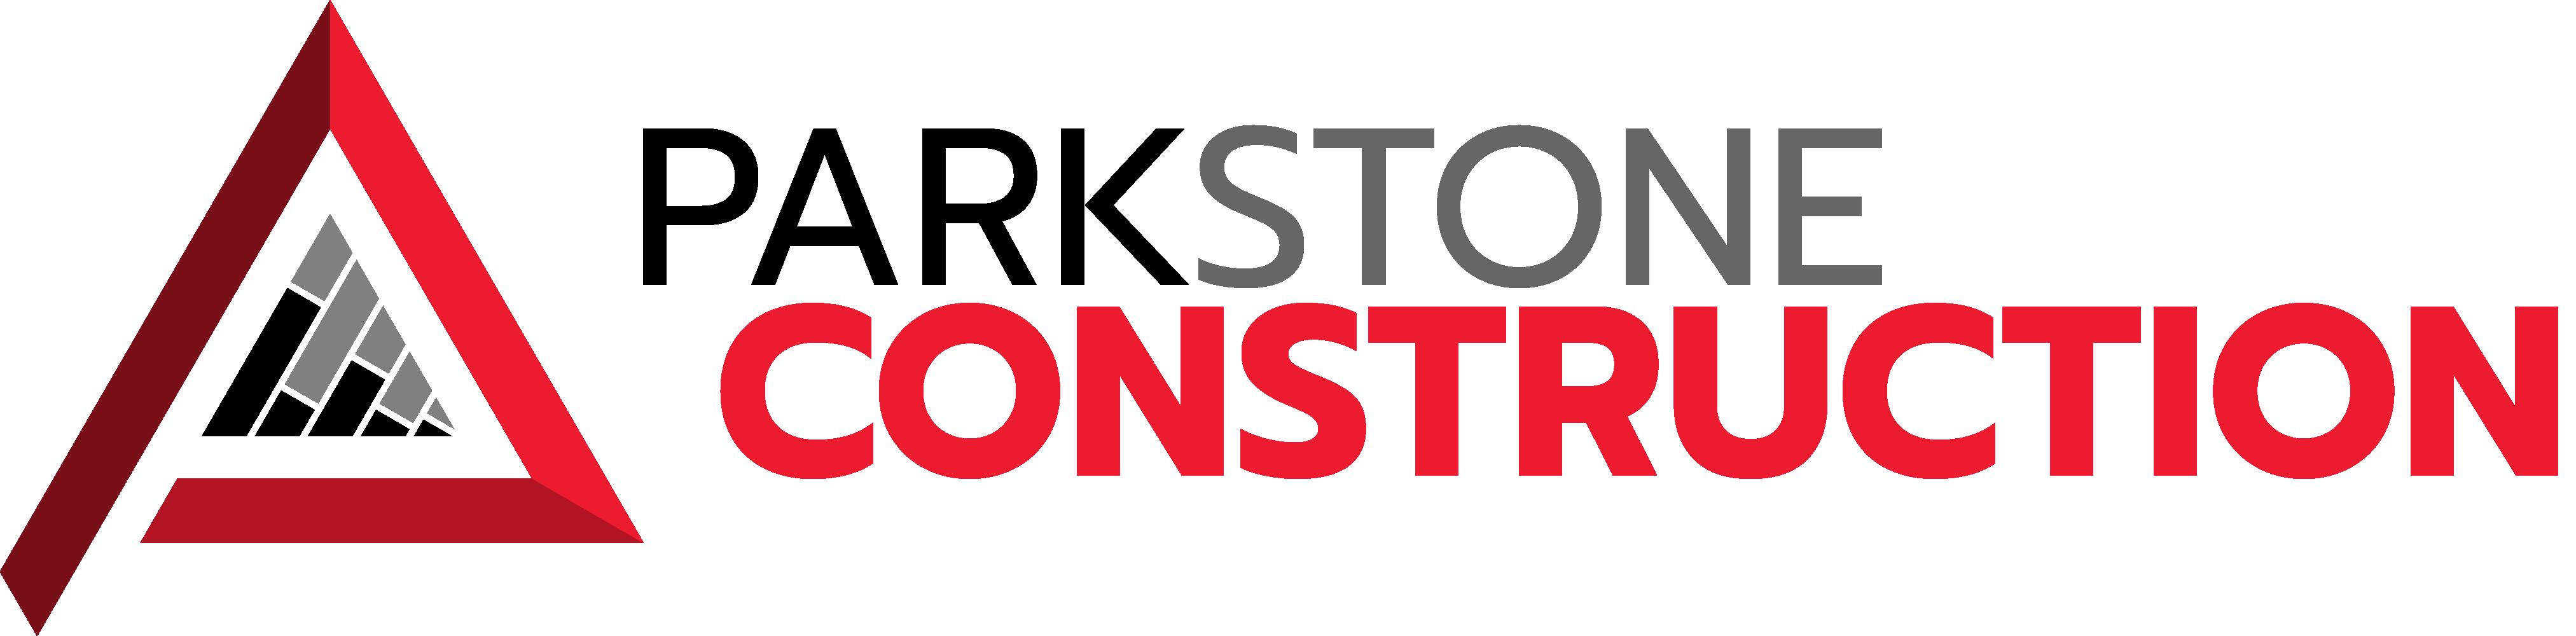 Parkstone Construction